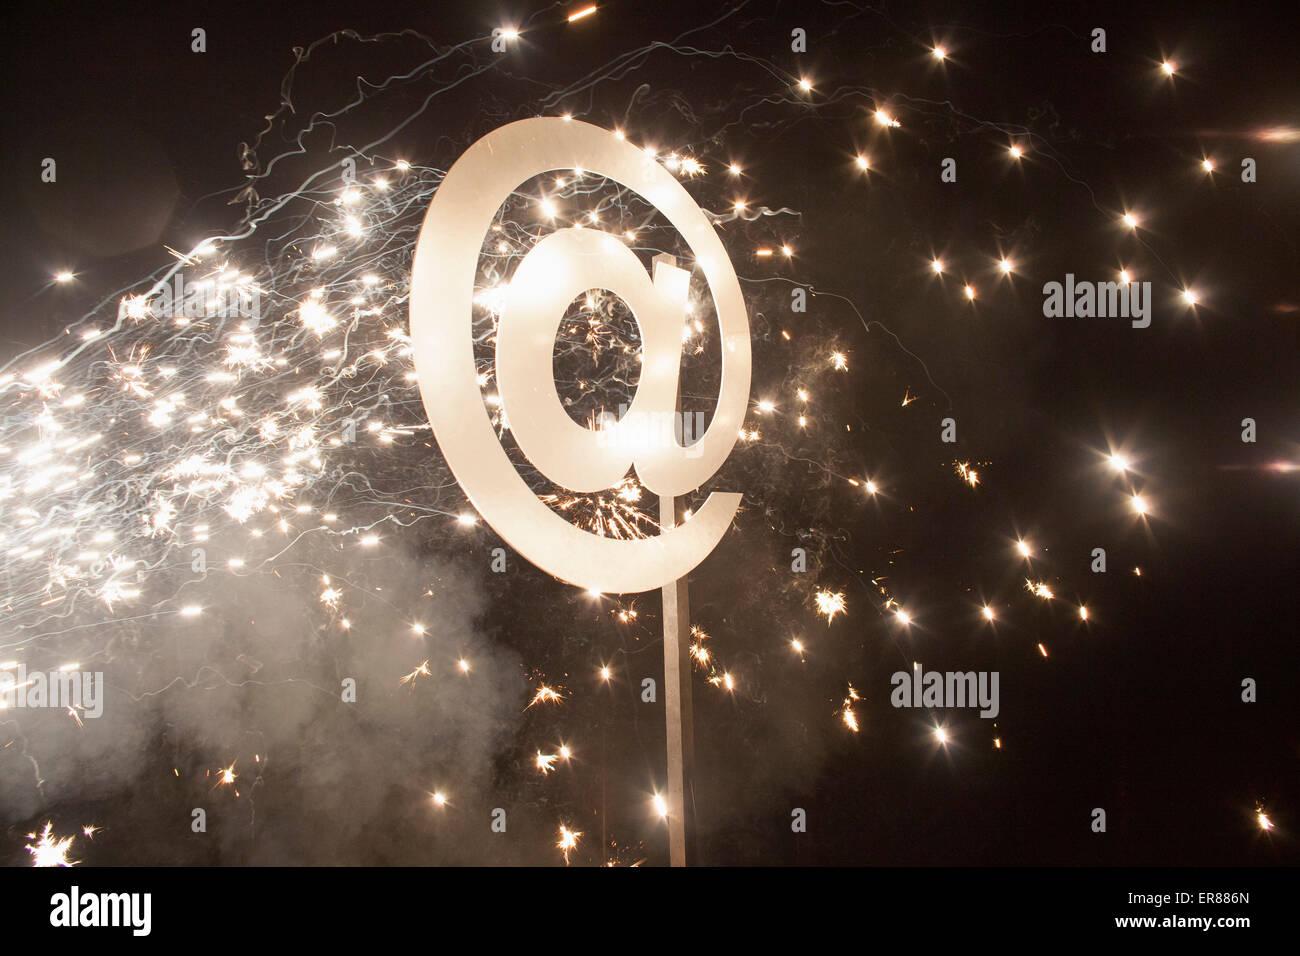 Bei Symbol beleuchtet mit Feuerwerk in der Nacht Stockbild